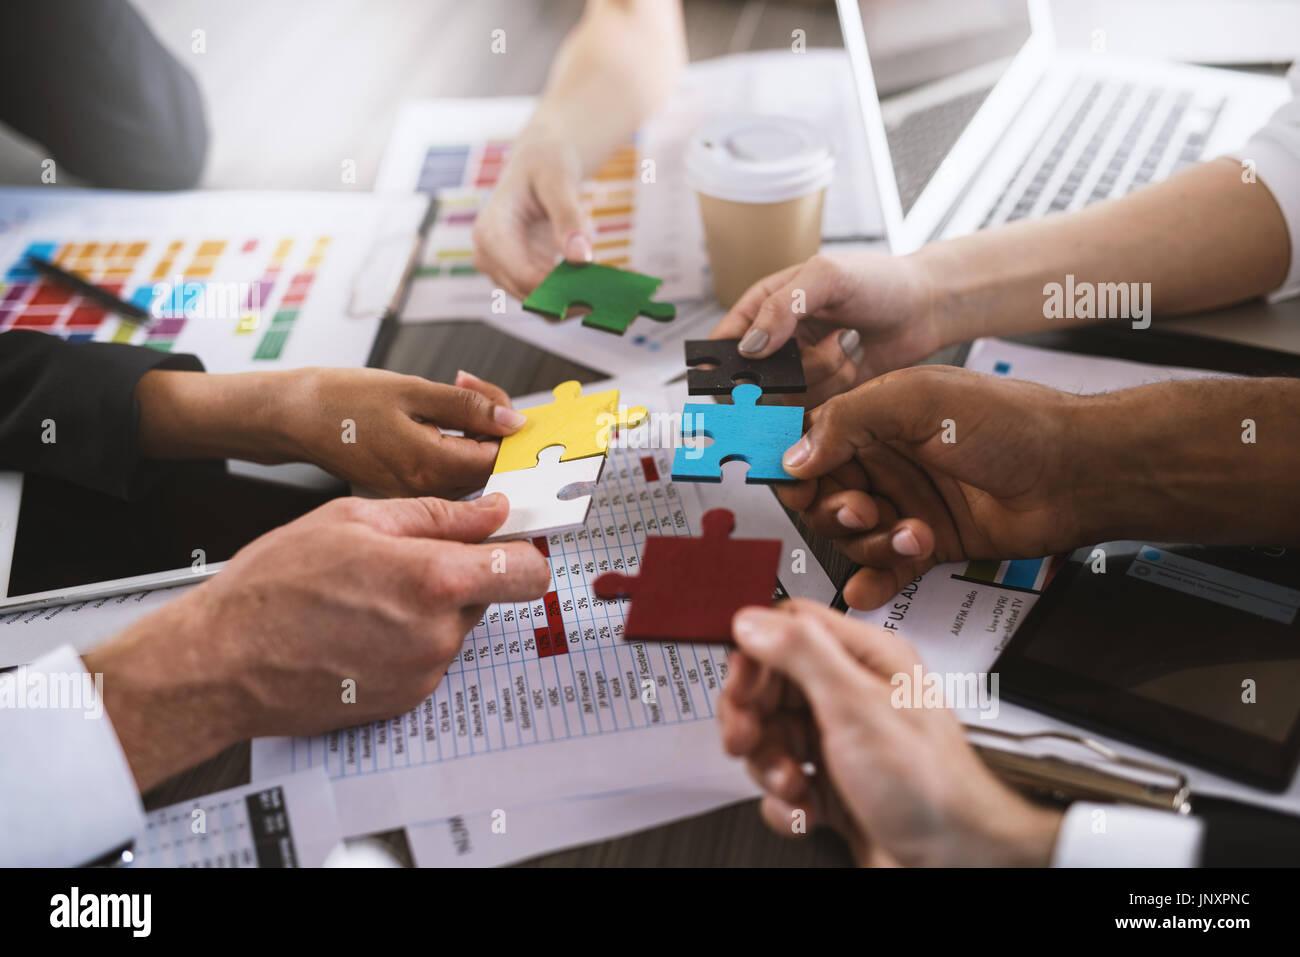 Zusammenarbeit der Partner. Konzept der Integration und Inbetriebnahme mit Puzzle-Teile Stockbild